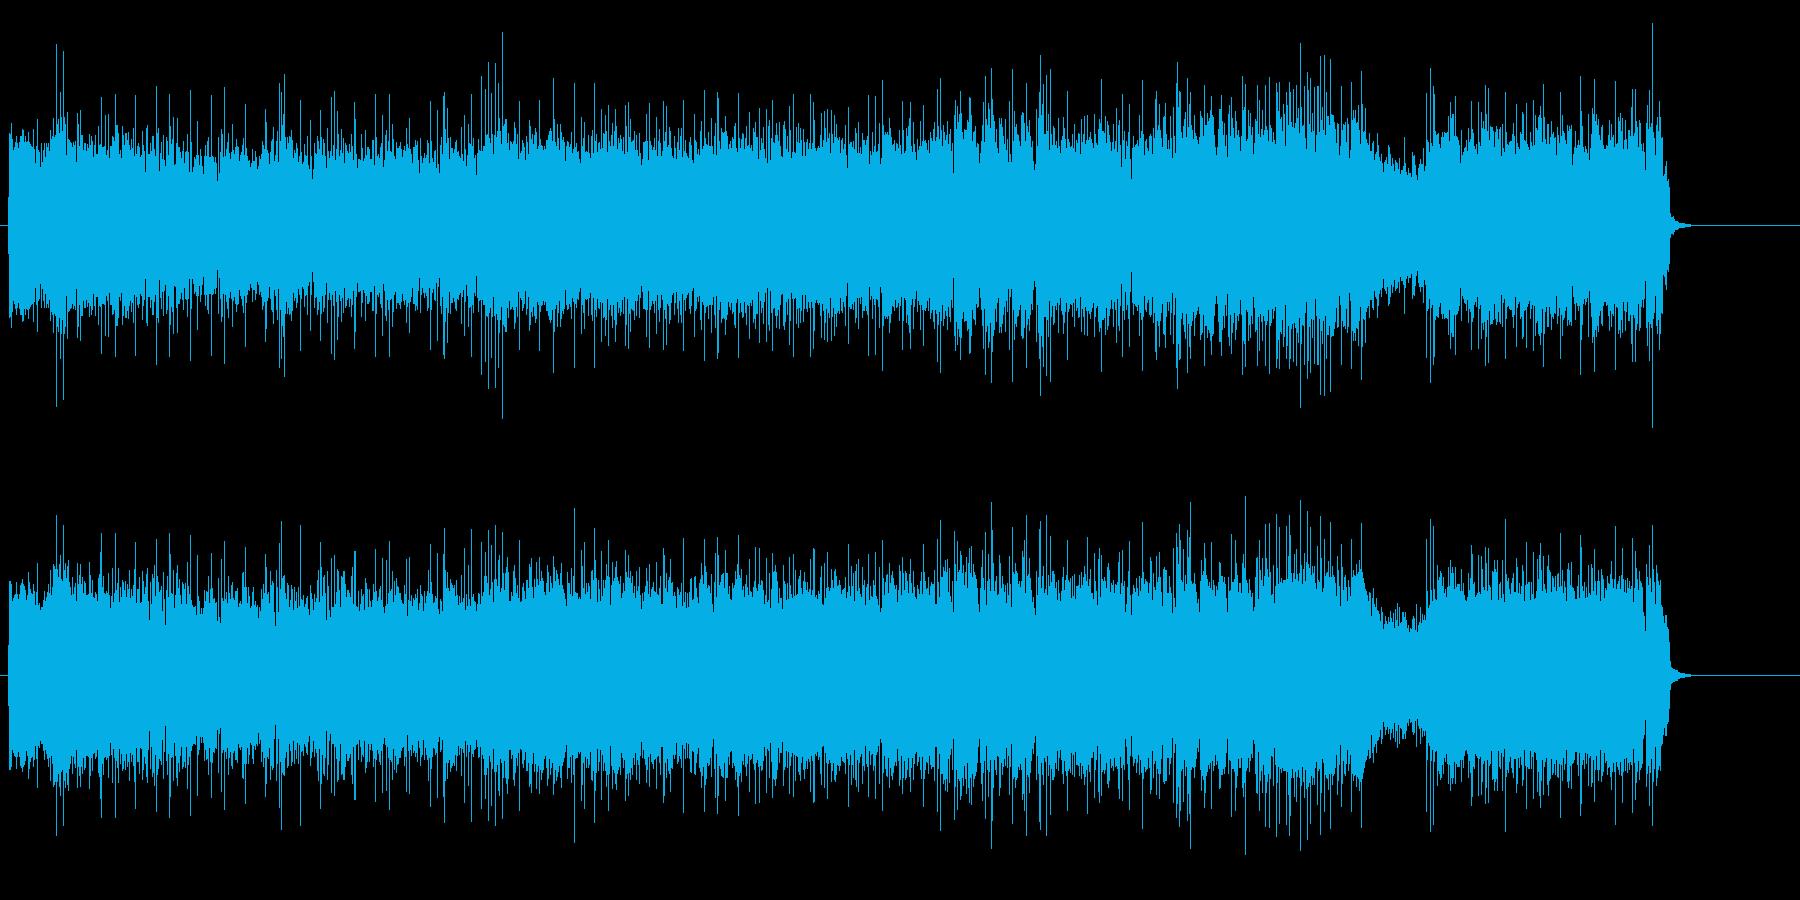 情感を揺るがすグランドなハードロックの再生済みの波形